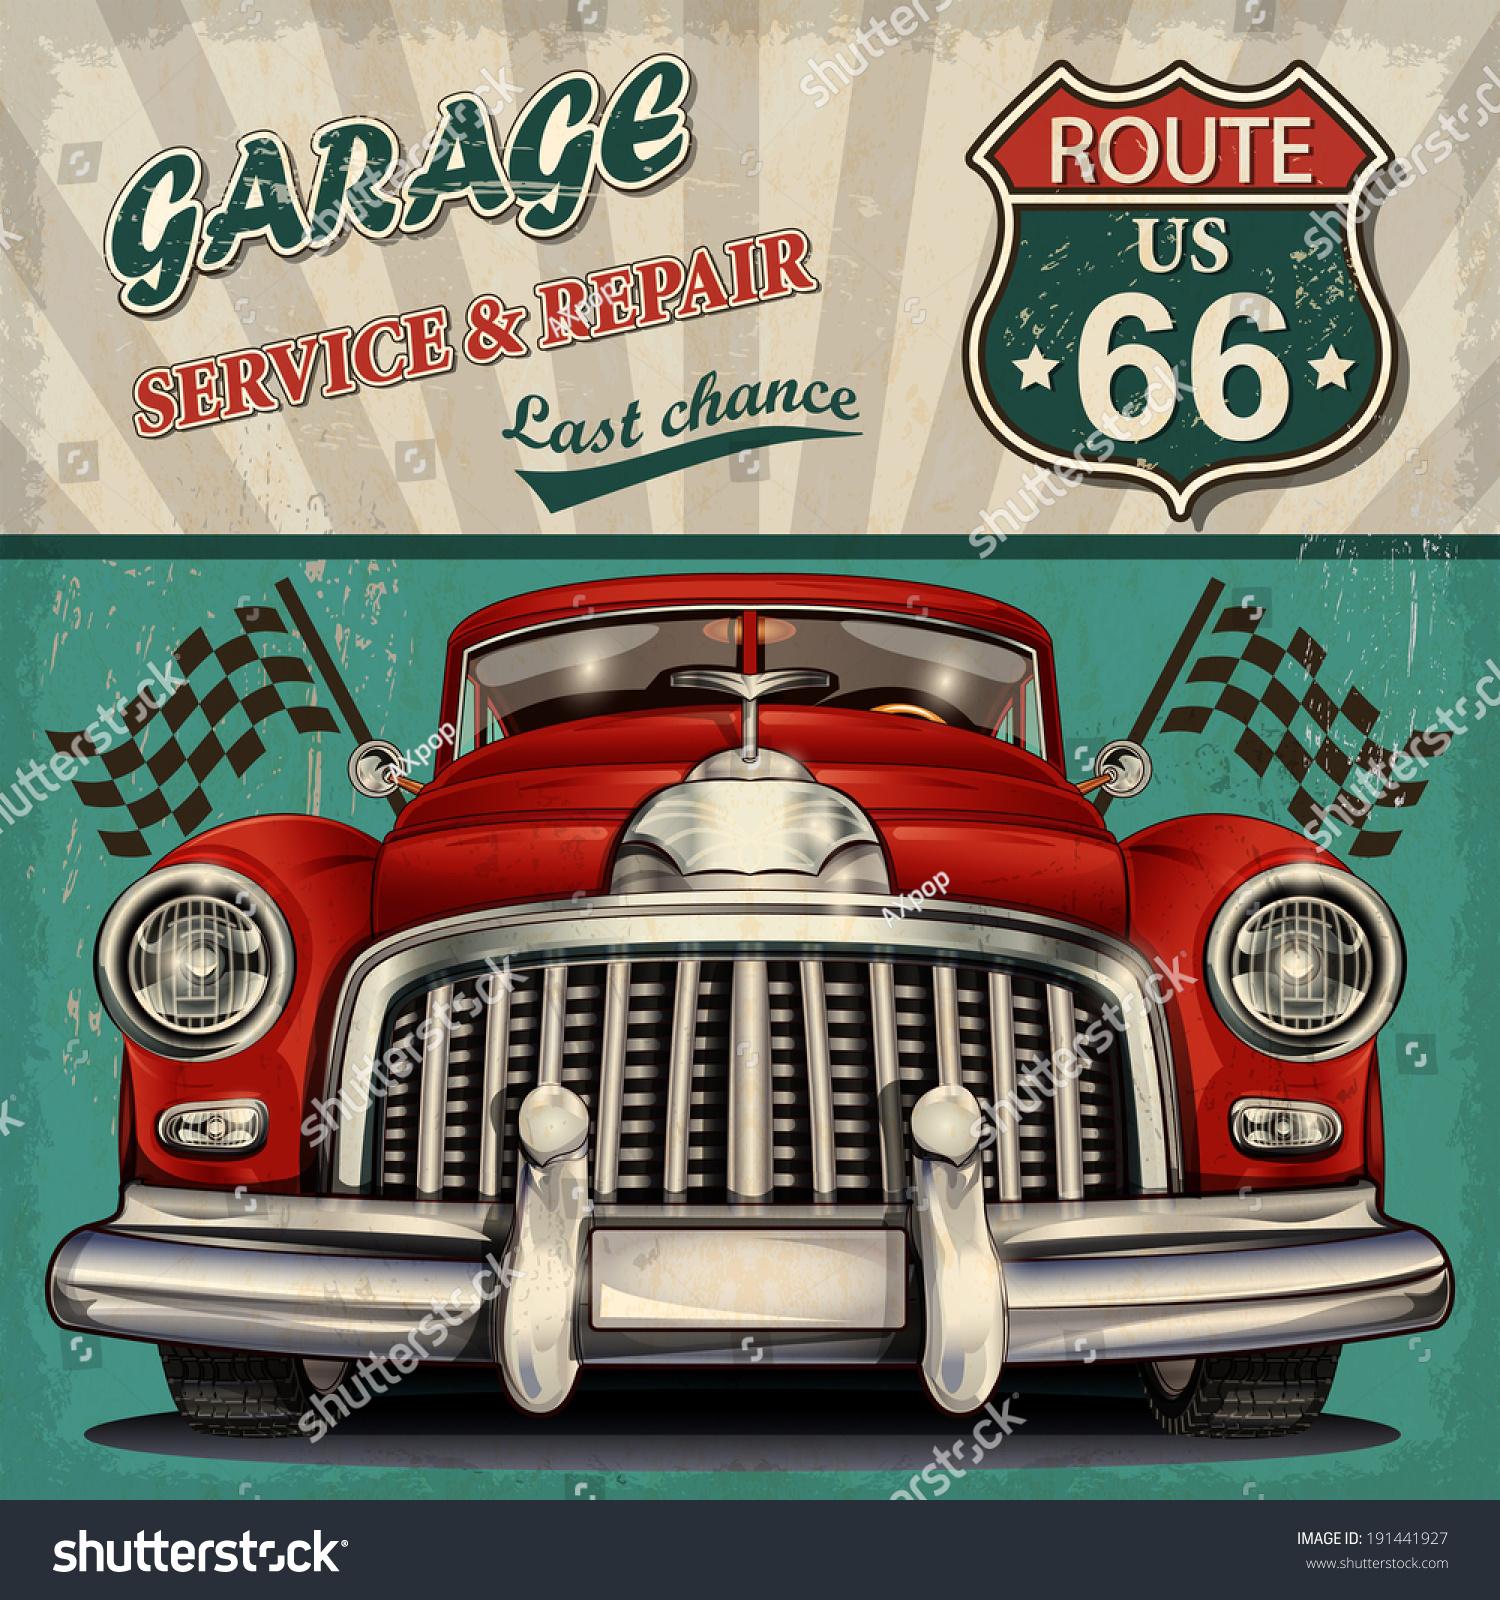 Vintage Garage Retro Poster Stock Vector 191441927